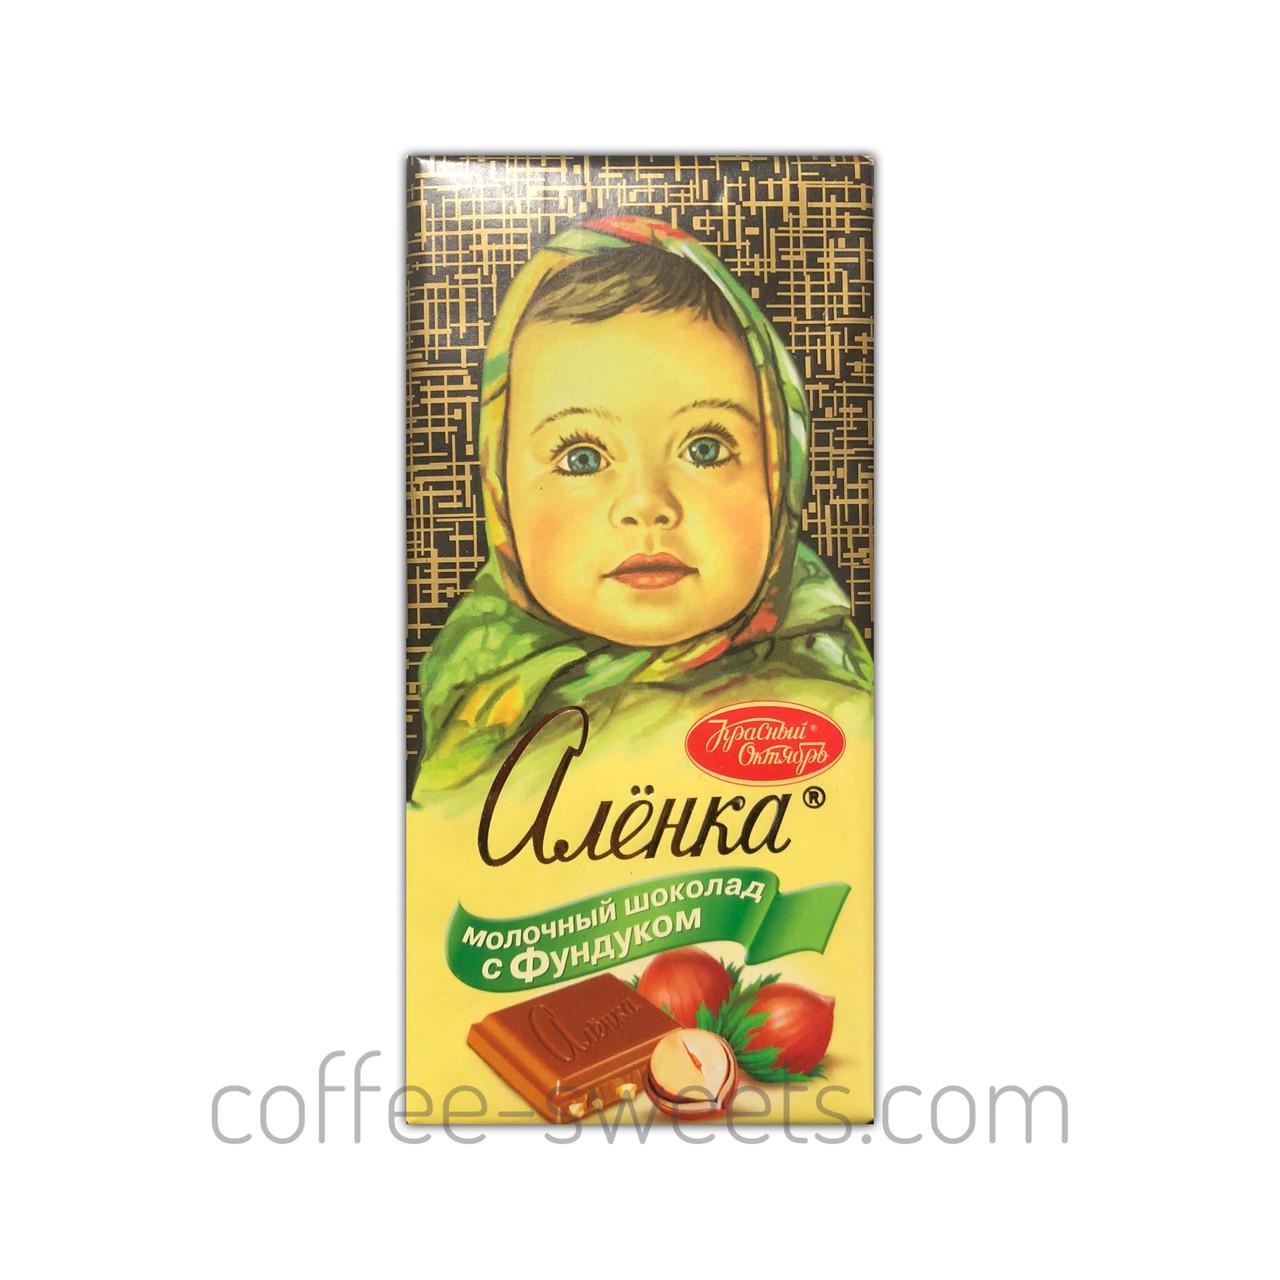 Шоколад Алёнка 100г с Фундуком молочный Красный Октябрь